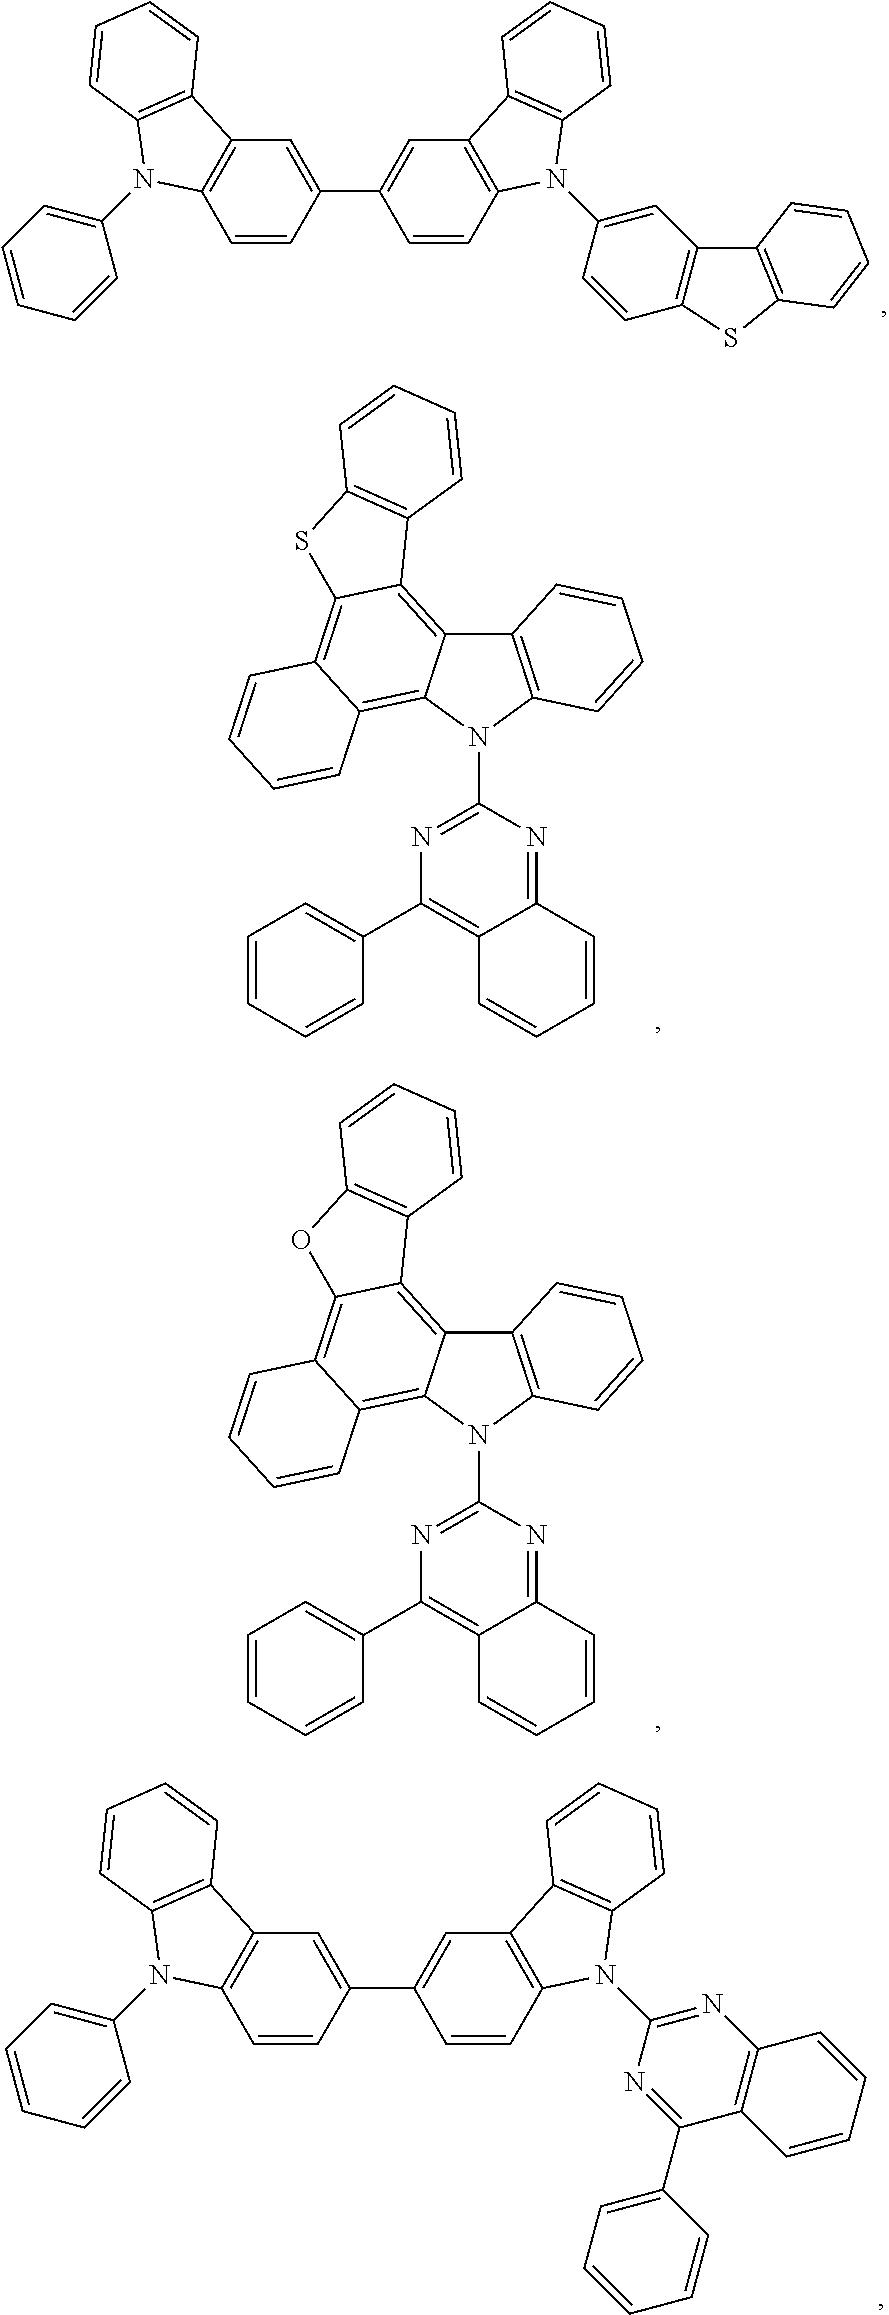 Figure US20180130962A1-20180510-C00323